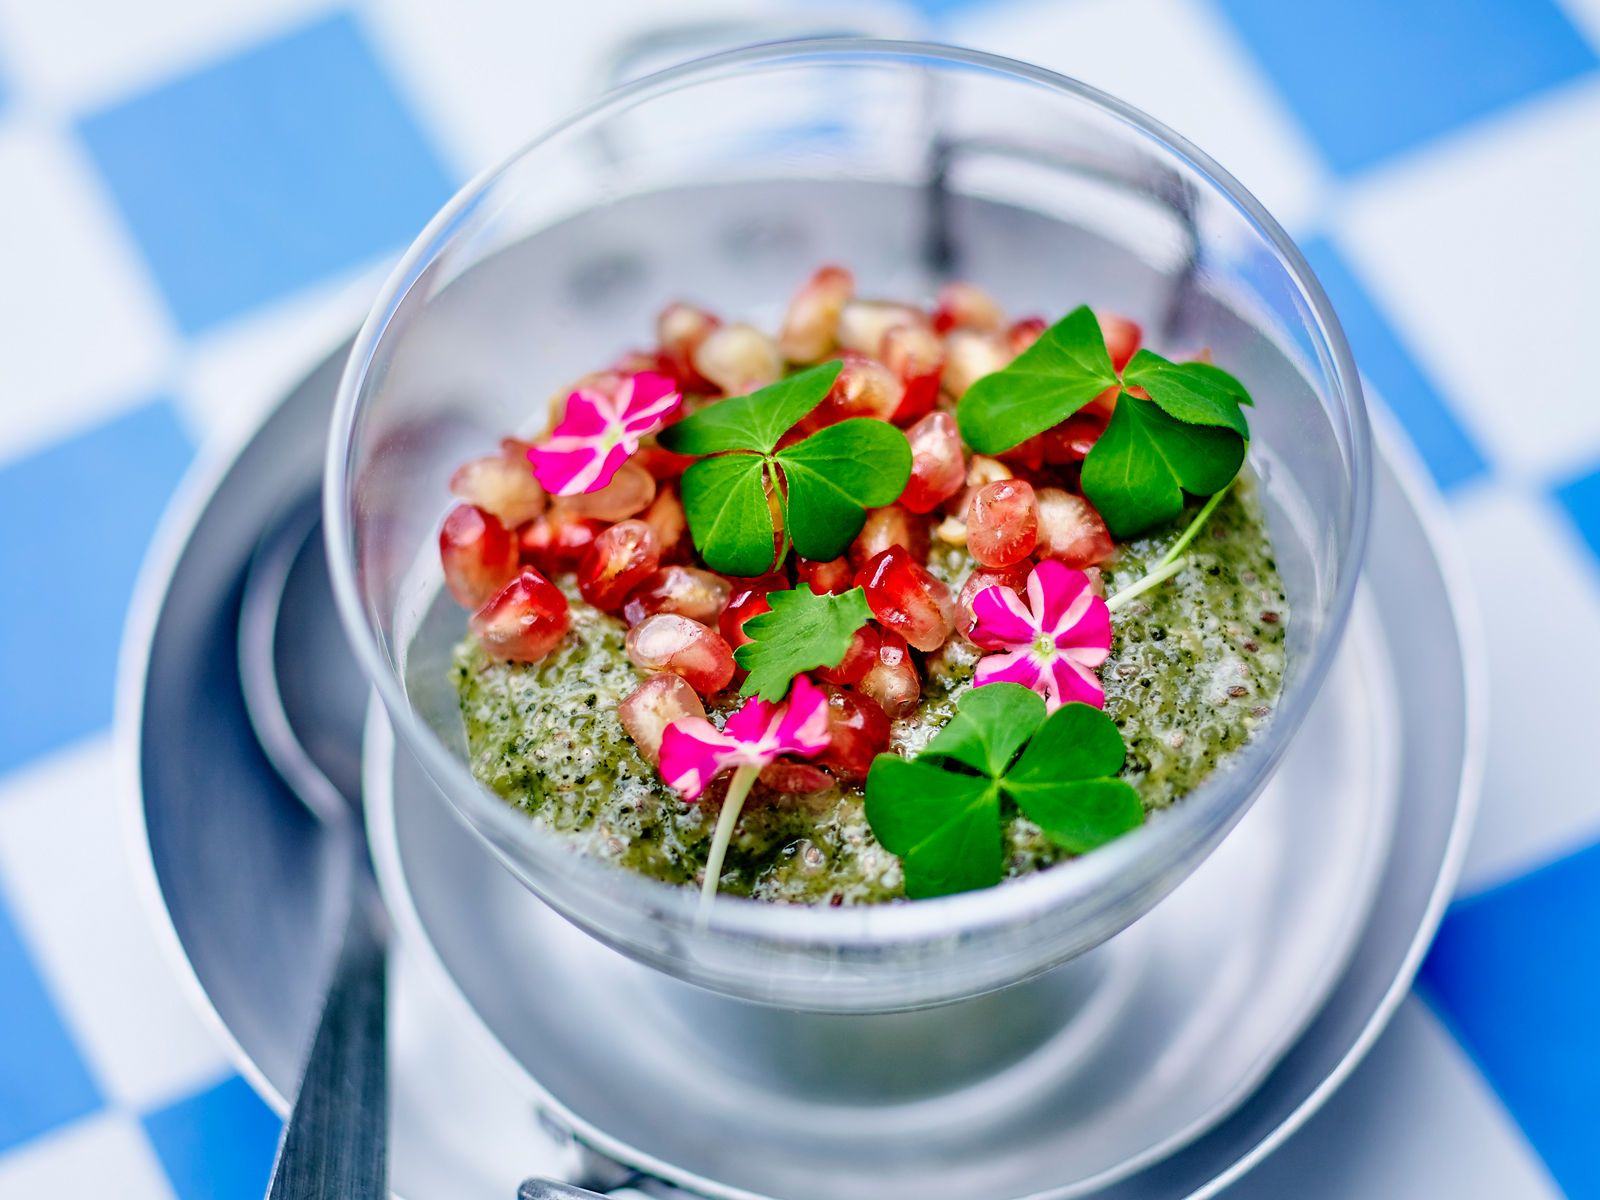 Découvrez la recette Verrine aux graines de chia et crème de coco sur cuisineactuelle.fr.